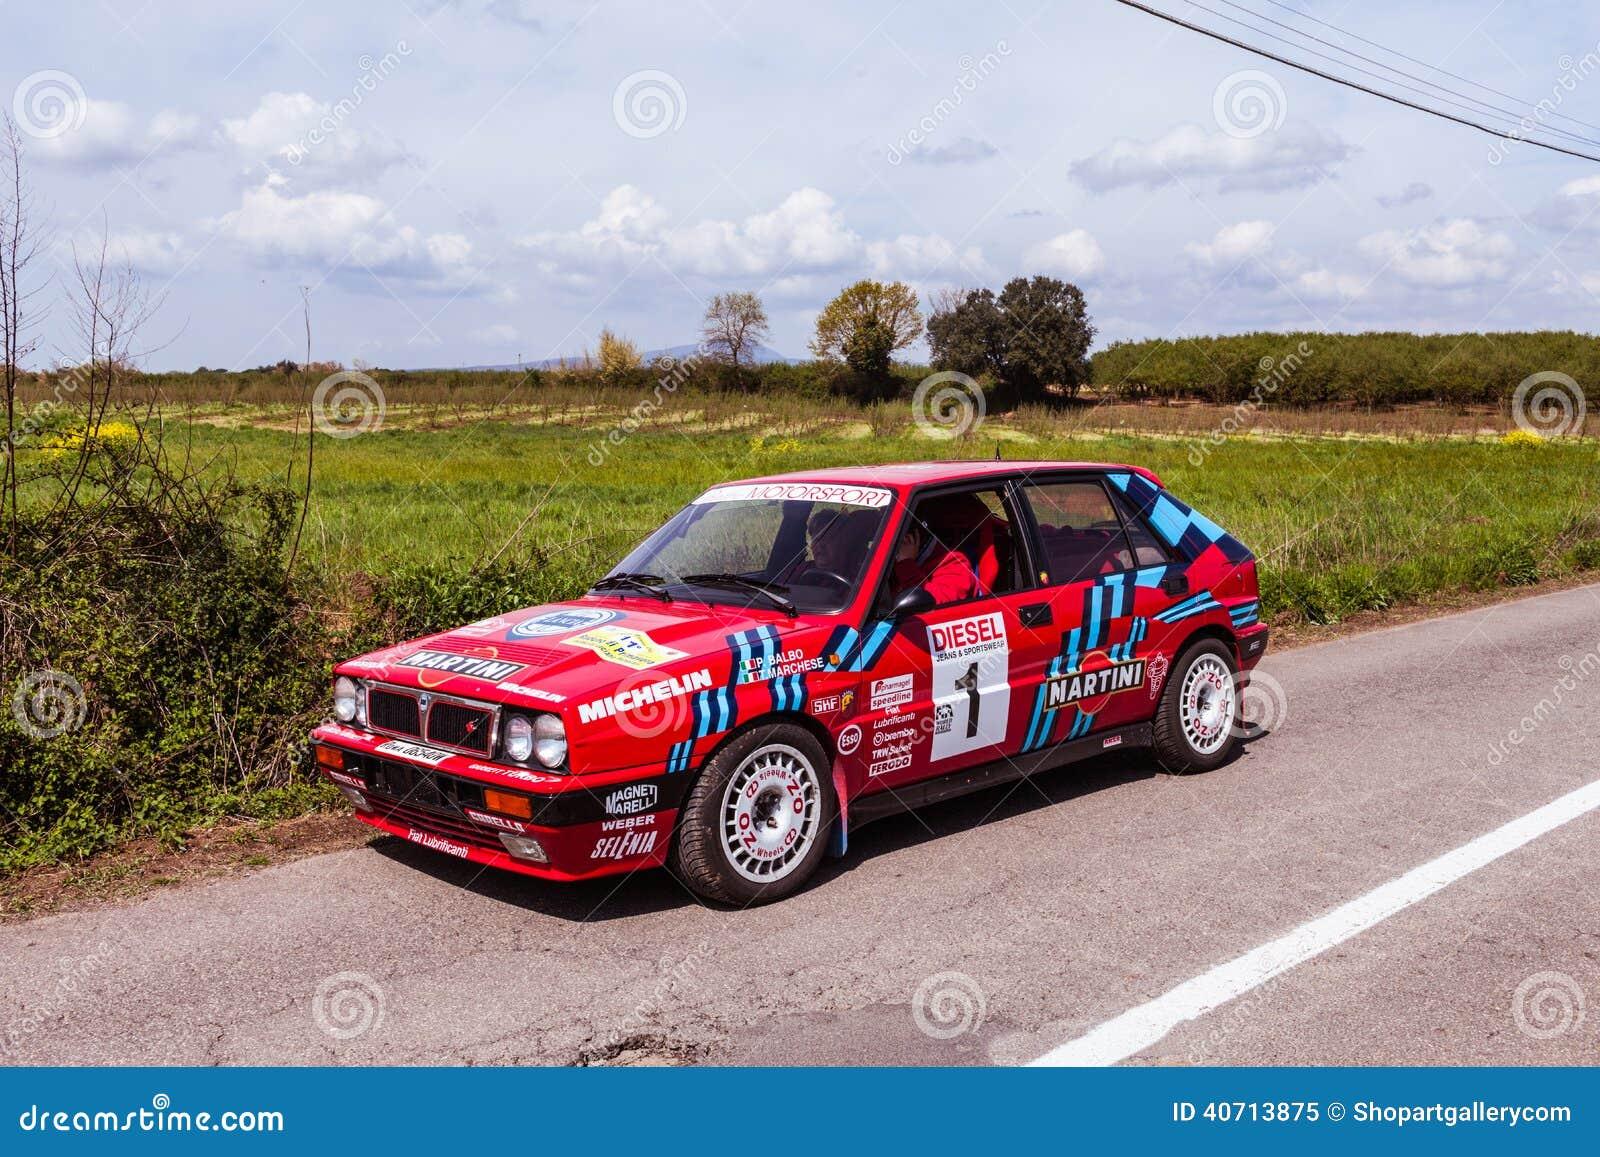 Lancia Delta Vintage Rally Car Editorial Image - Image of spring ...